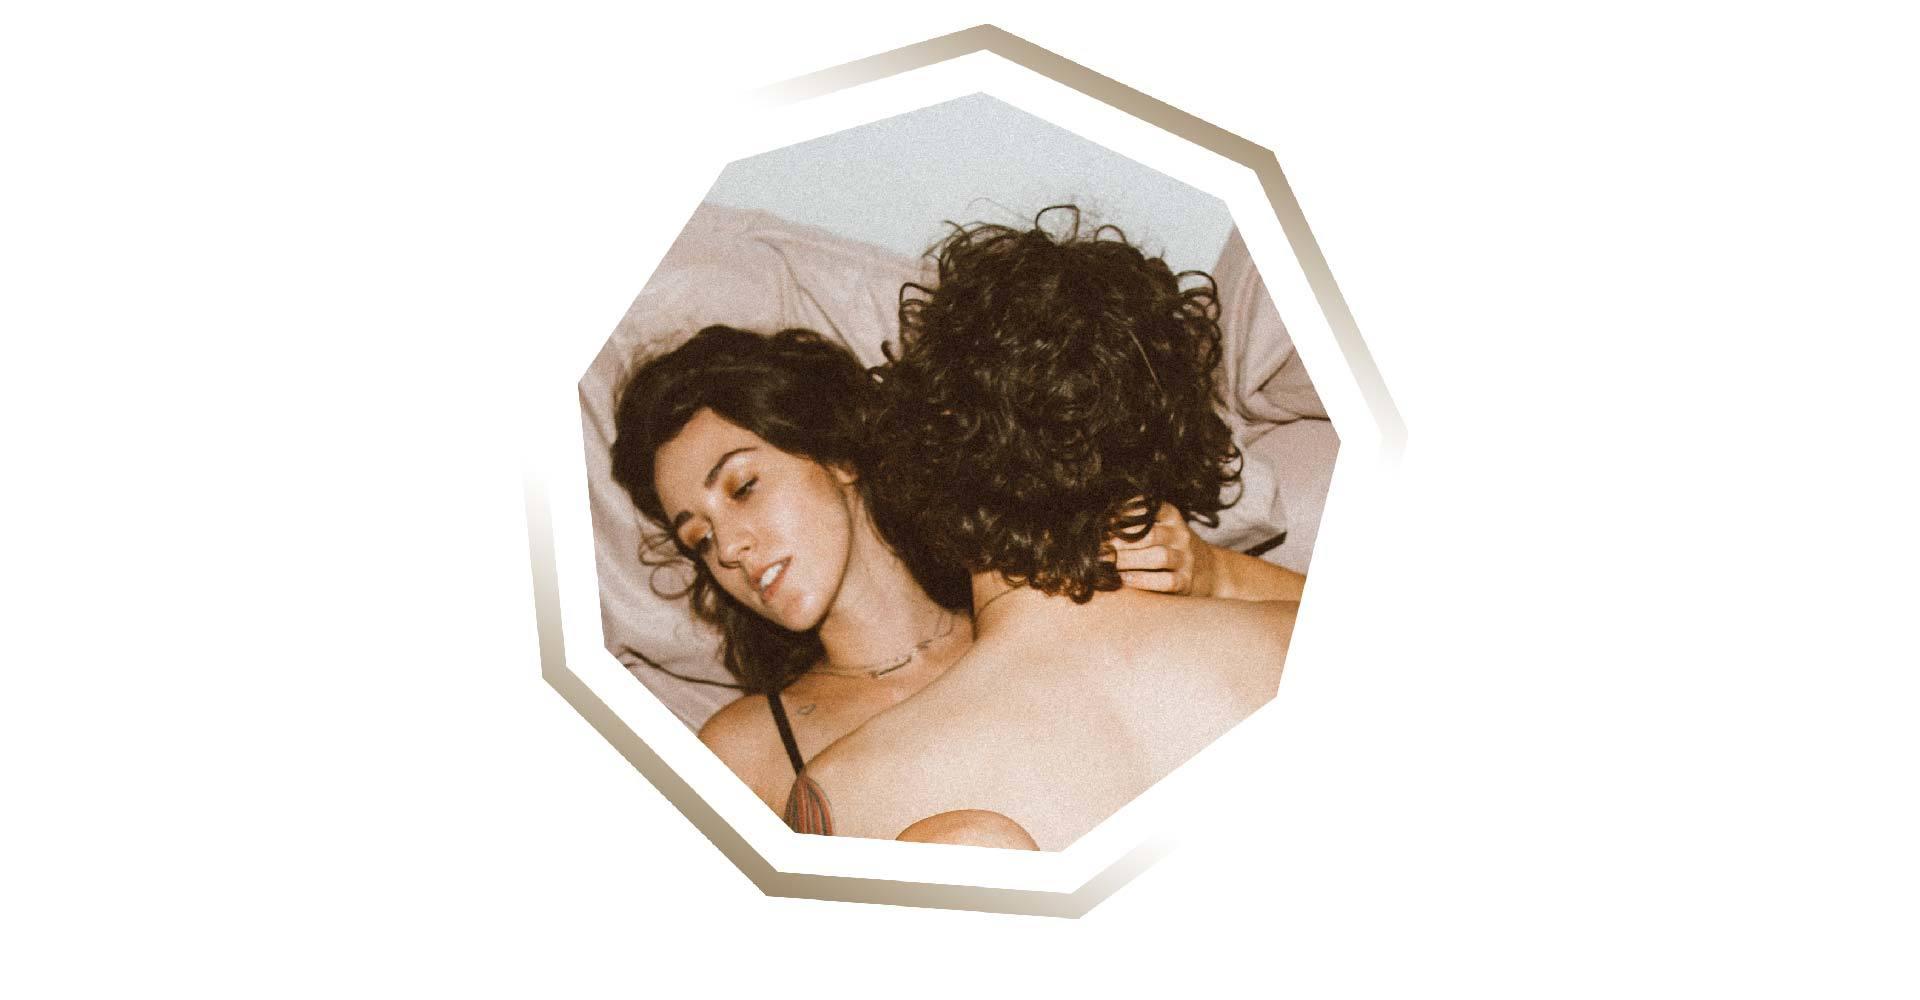 Ich habe mit einem Typen geschlafen